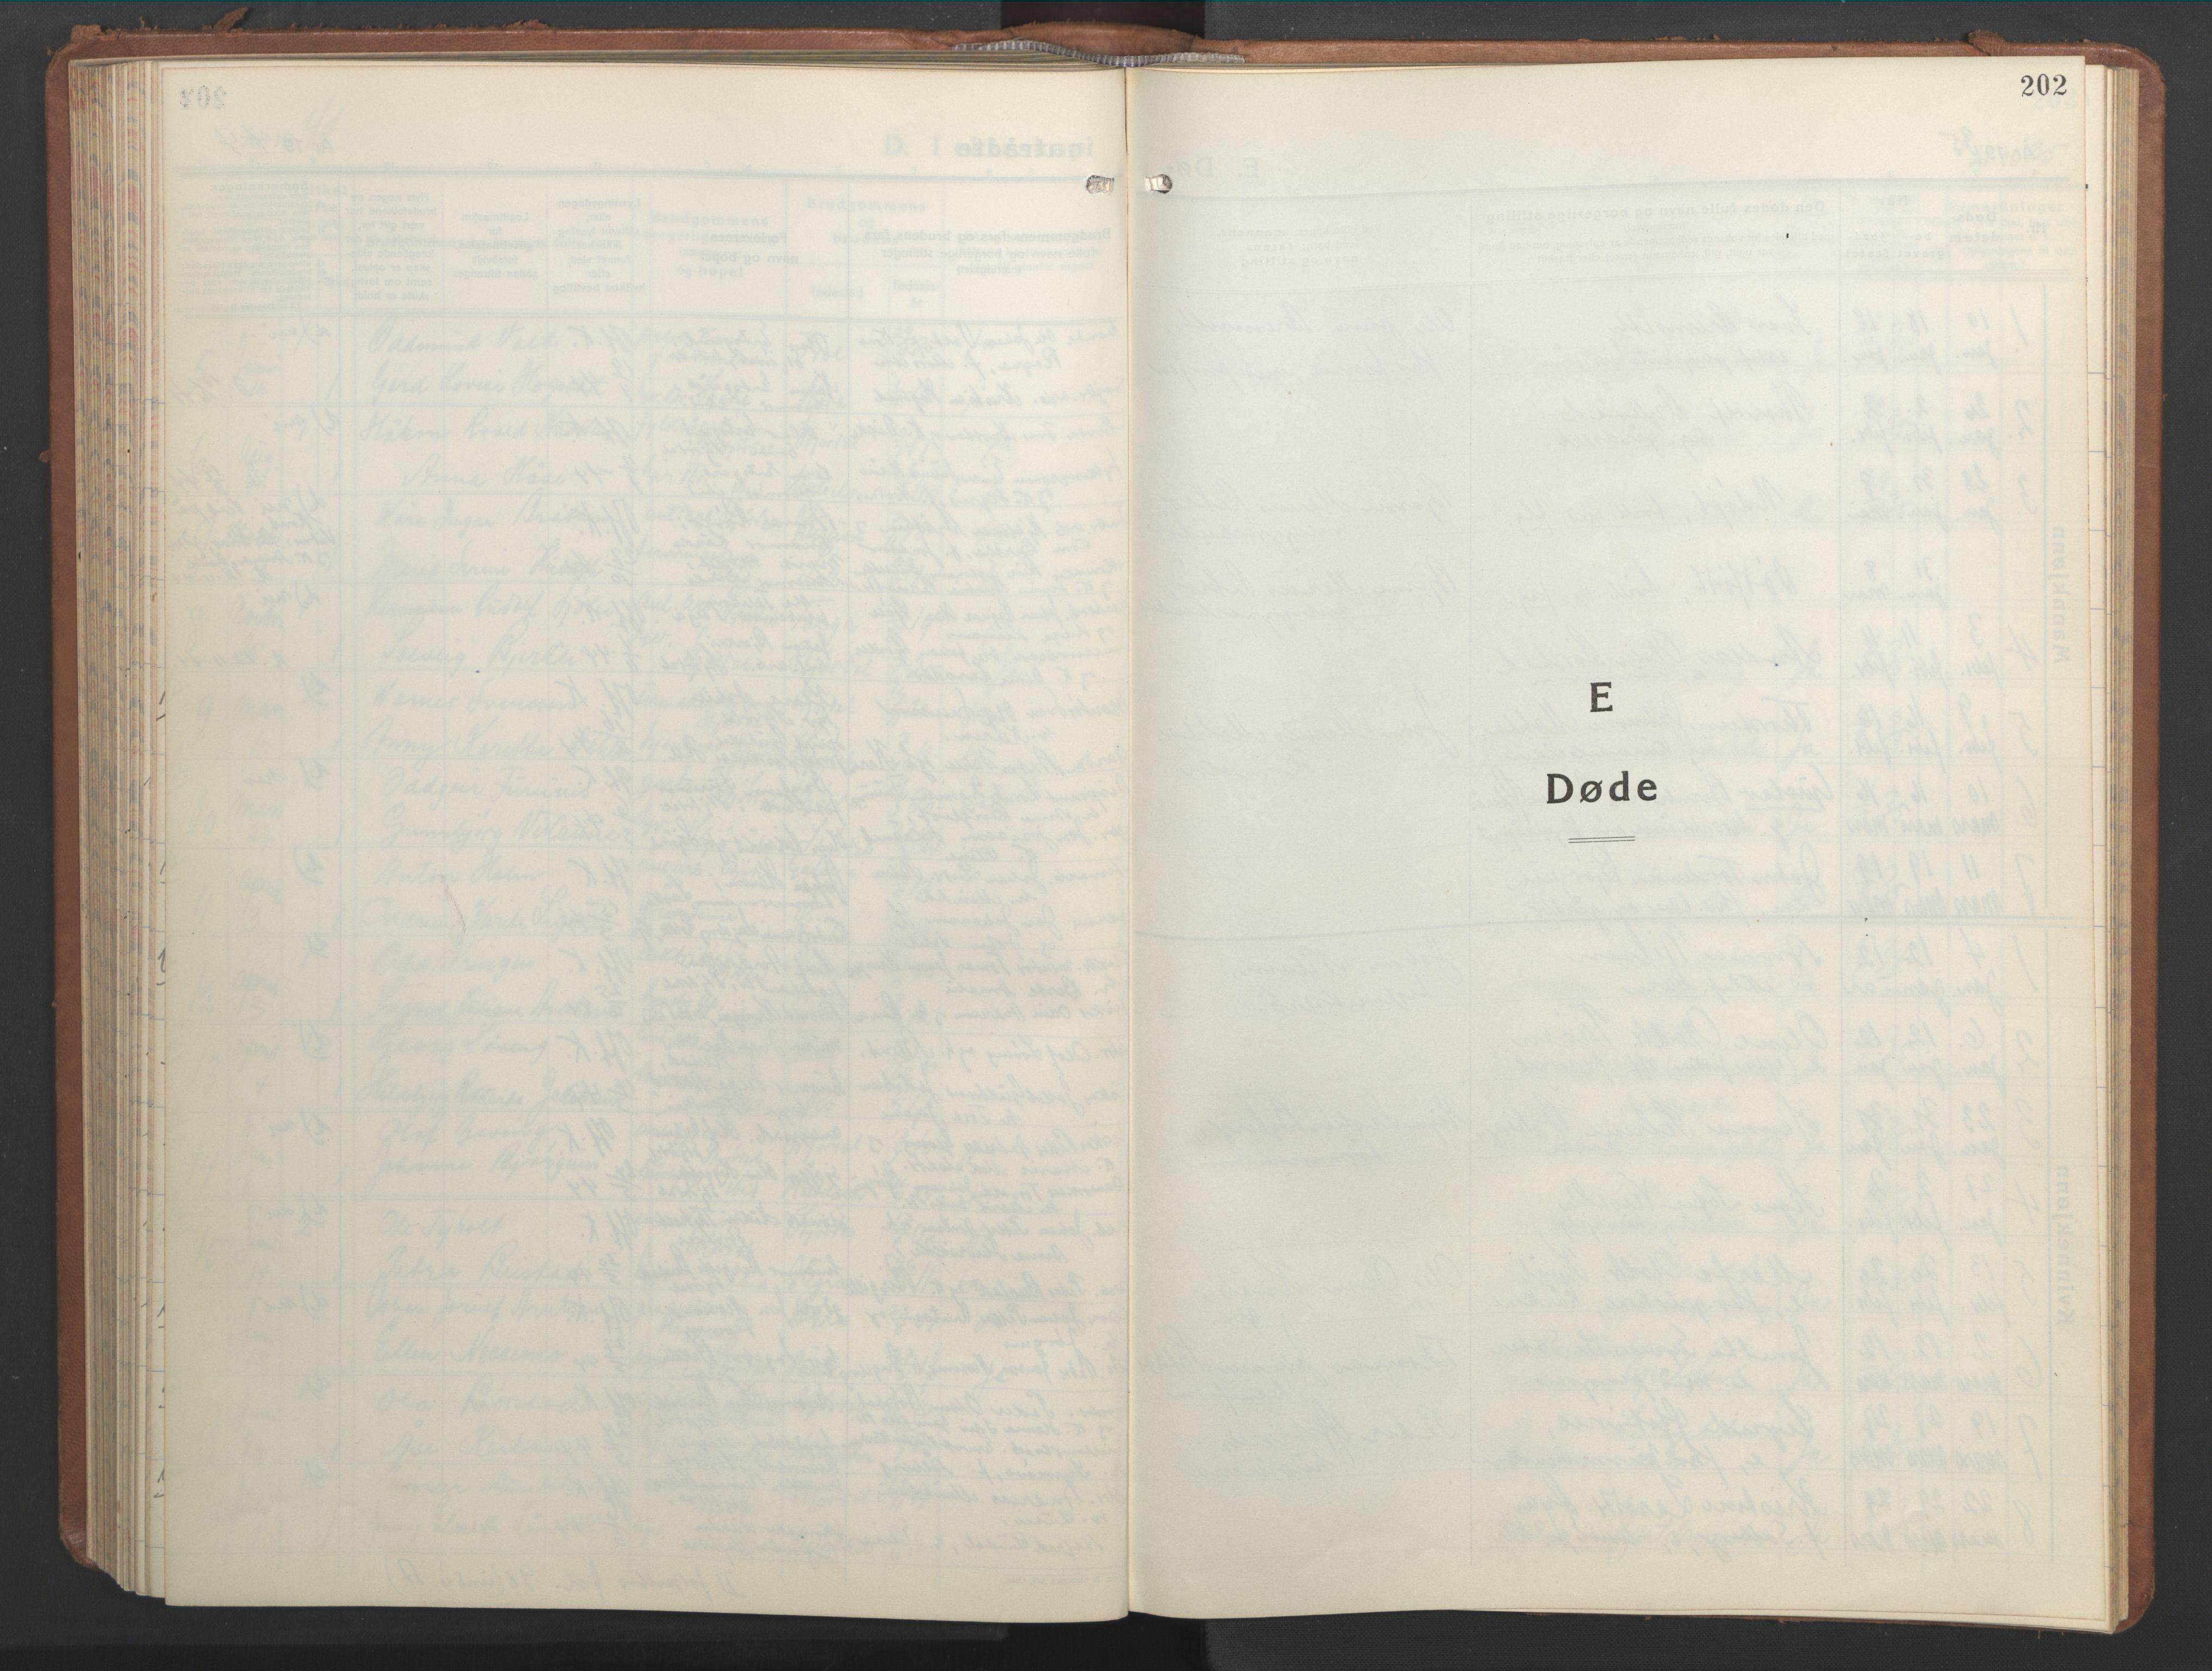 SAT, Ministerialprotokoller, klokkerbøker og fødselsregistre - Nord-Trøndelag, 709/L0089: Klokkerbok nr. 709C03, 1935-1948, s. 202